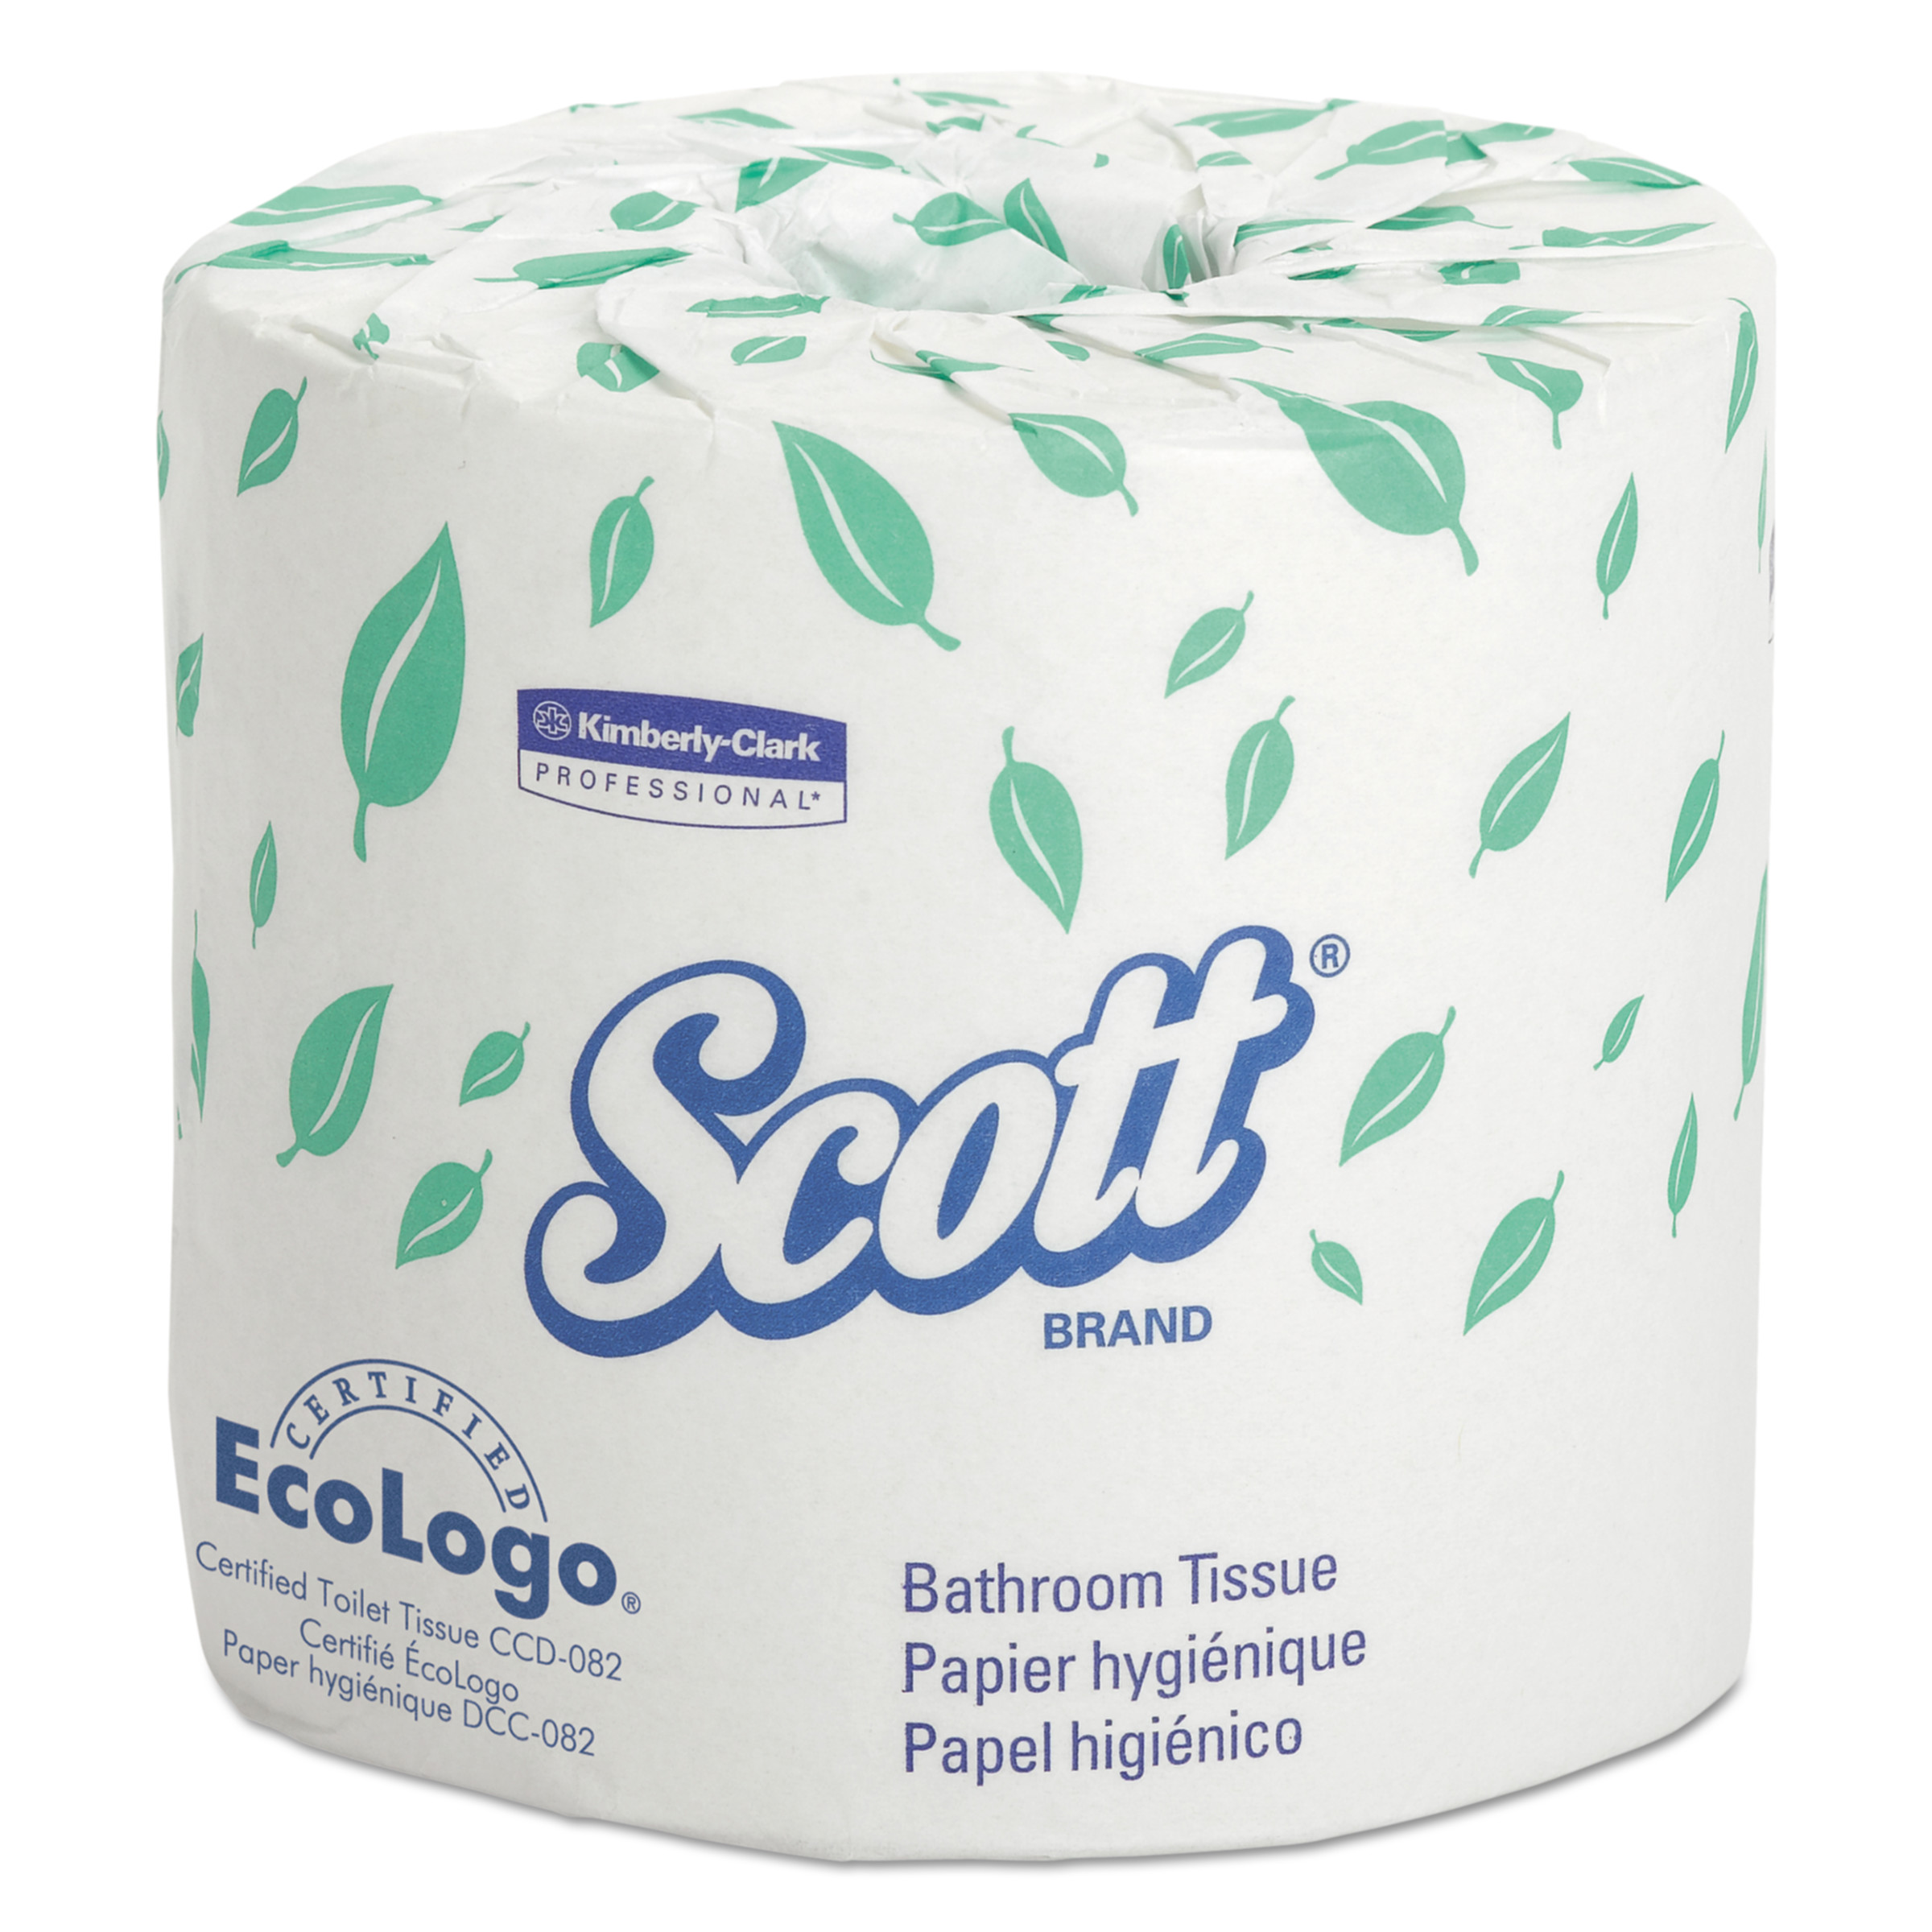 Scott Standard Roll Bathroom Tissue, 1-Ply, 1210 Sheets/Roll, 80 Rolls/Carton